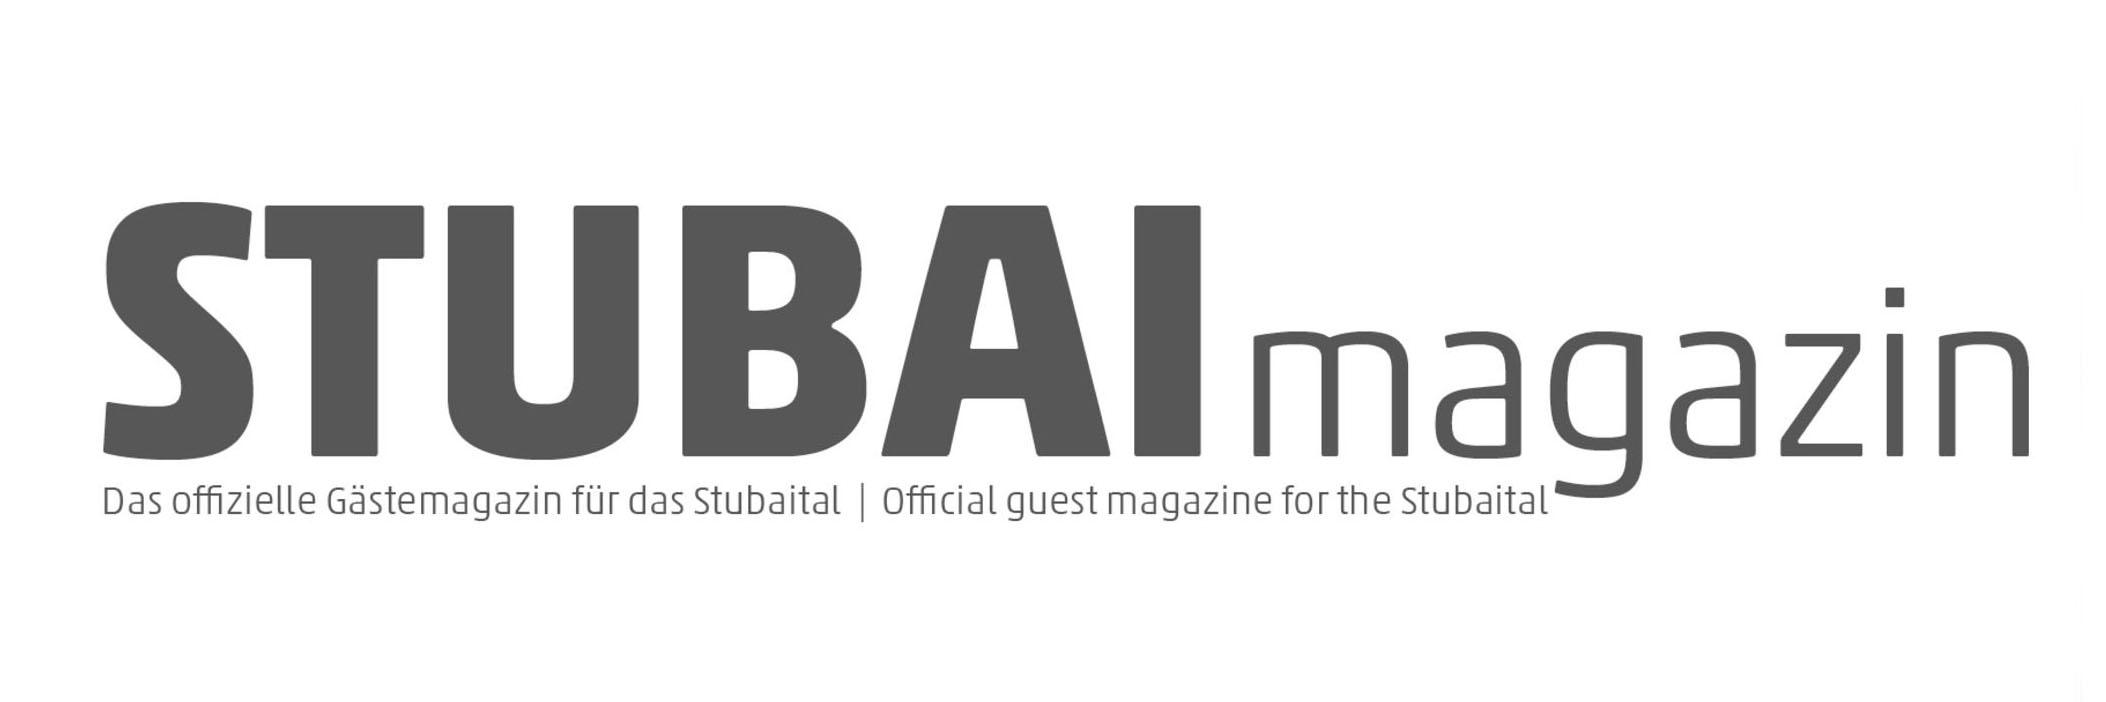 Headerbild Stubai Magazin